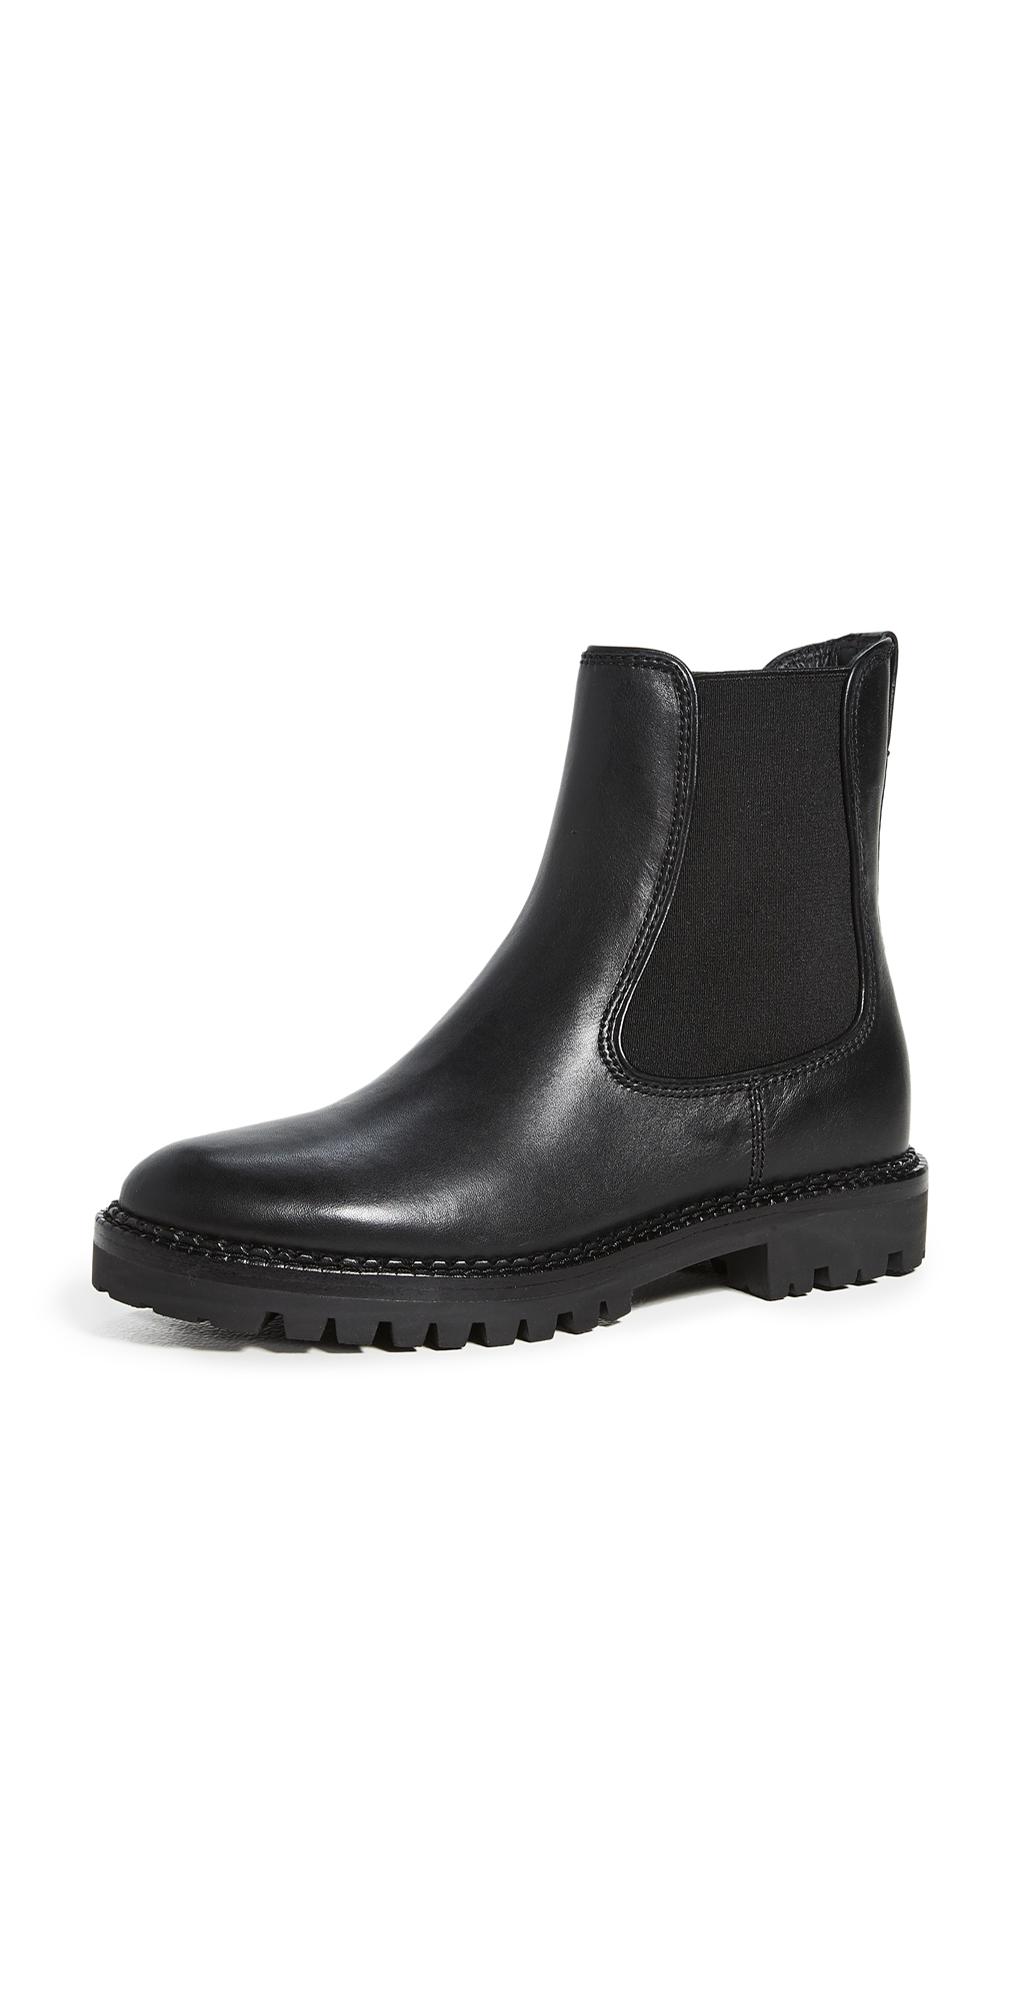 Vince Carmine Low Boots